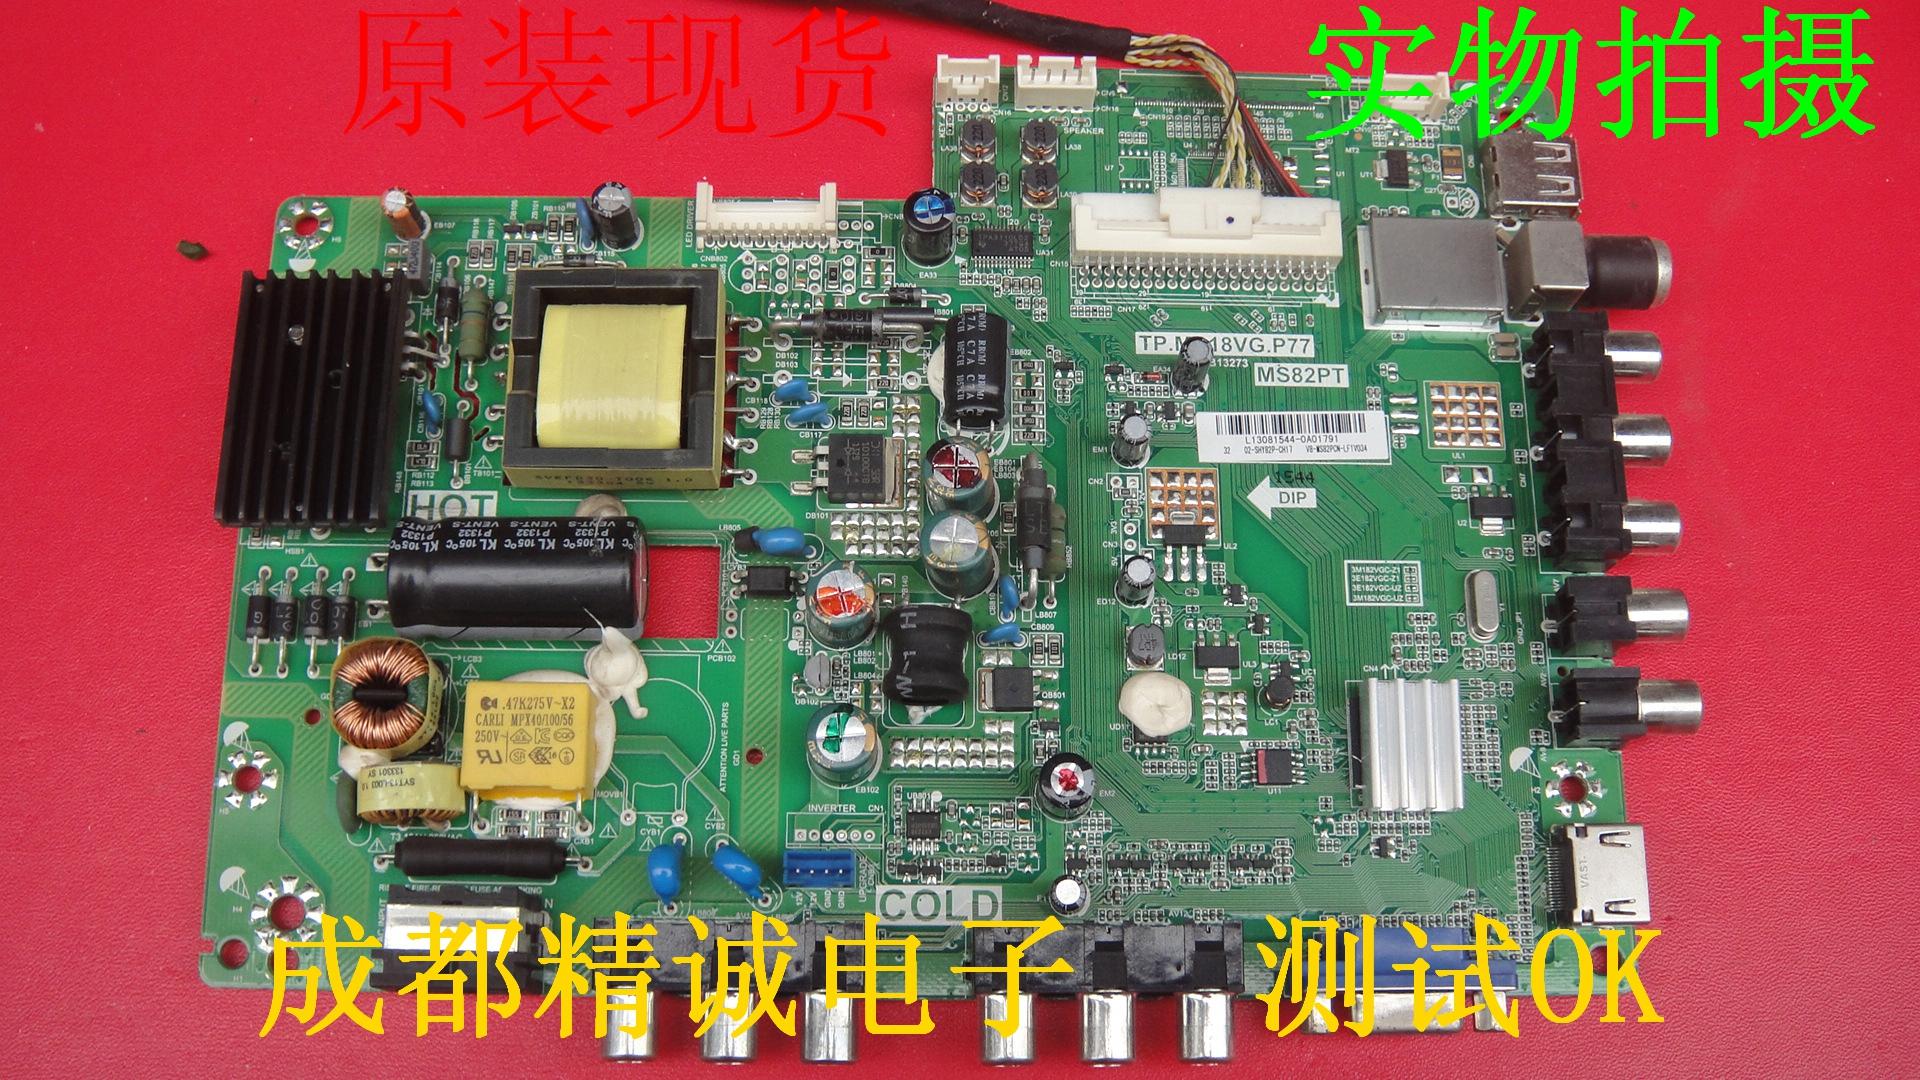 原装TCL L32C11 液晶电视配件主板 TP.MS18VG.P77 配LVW320CSOT